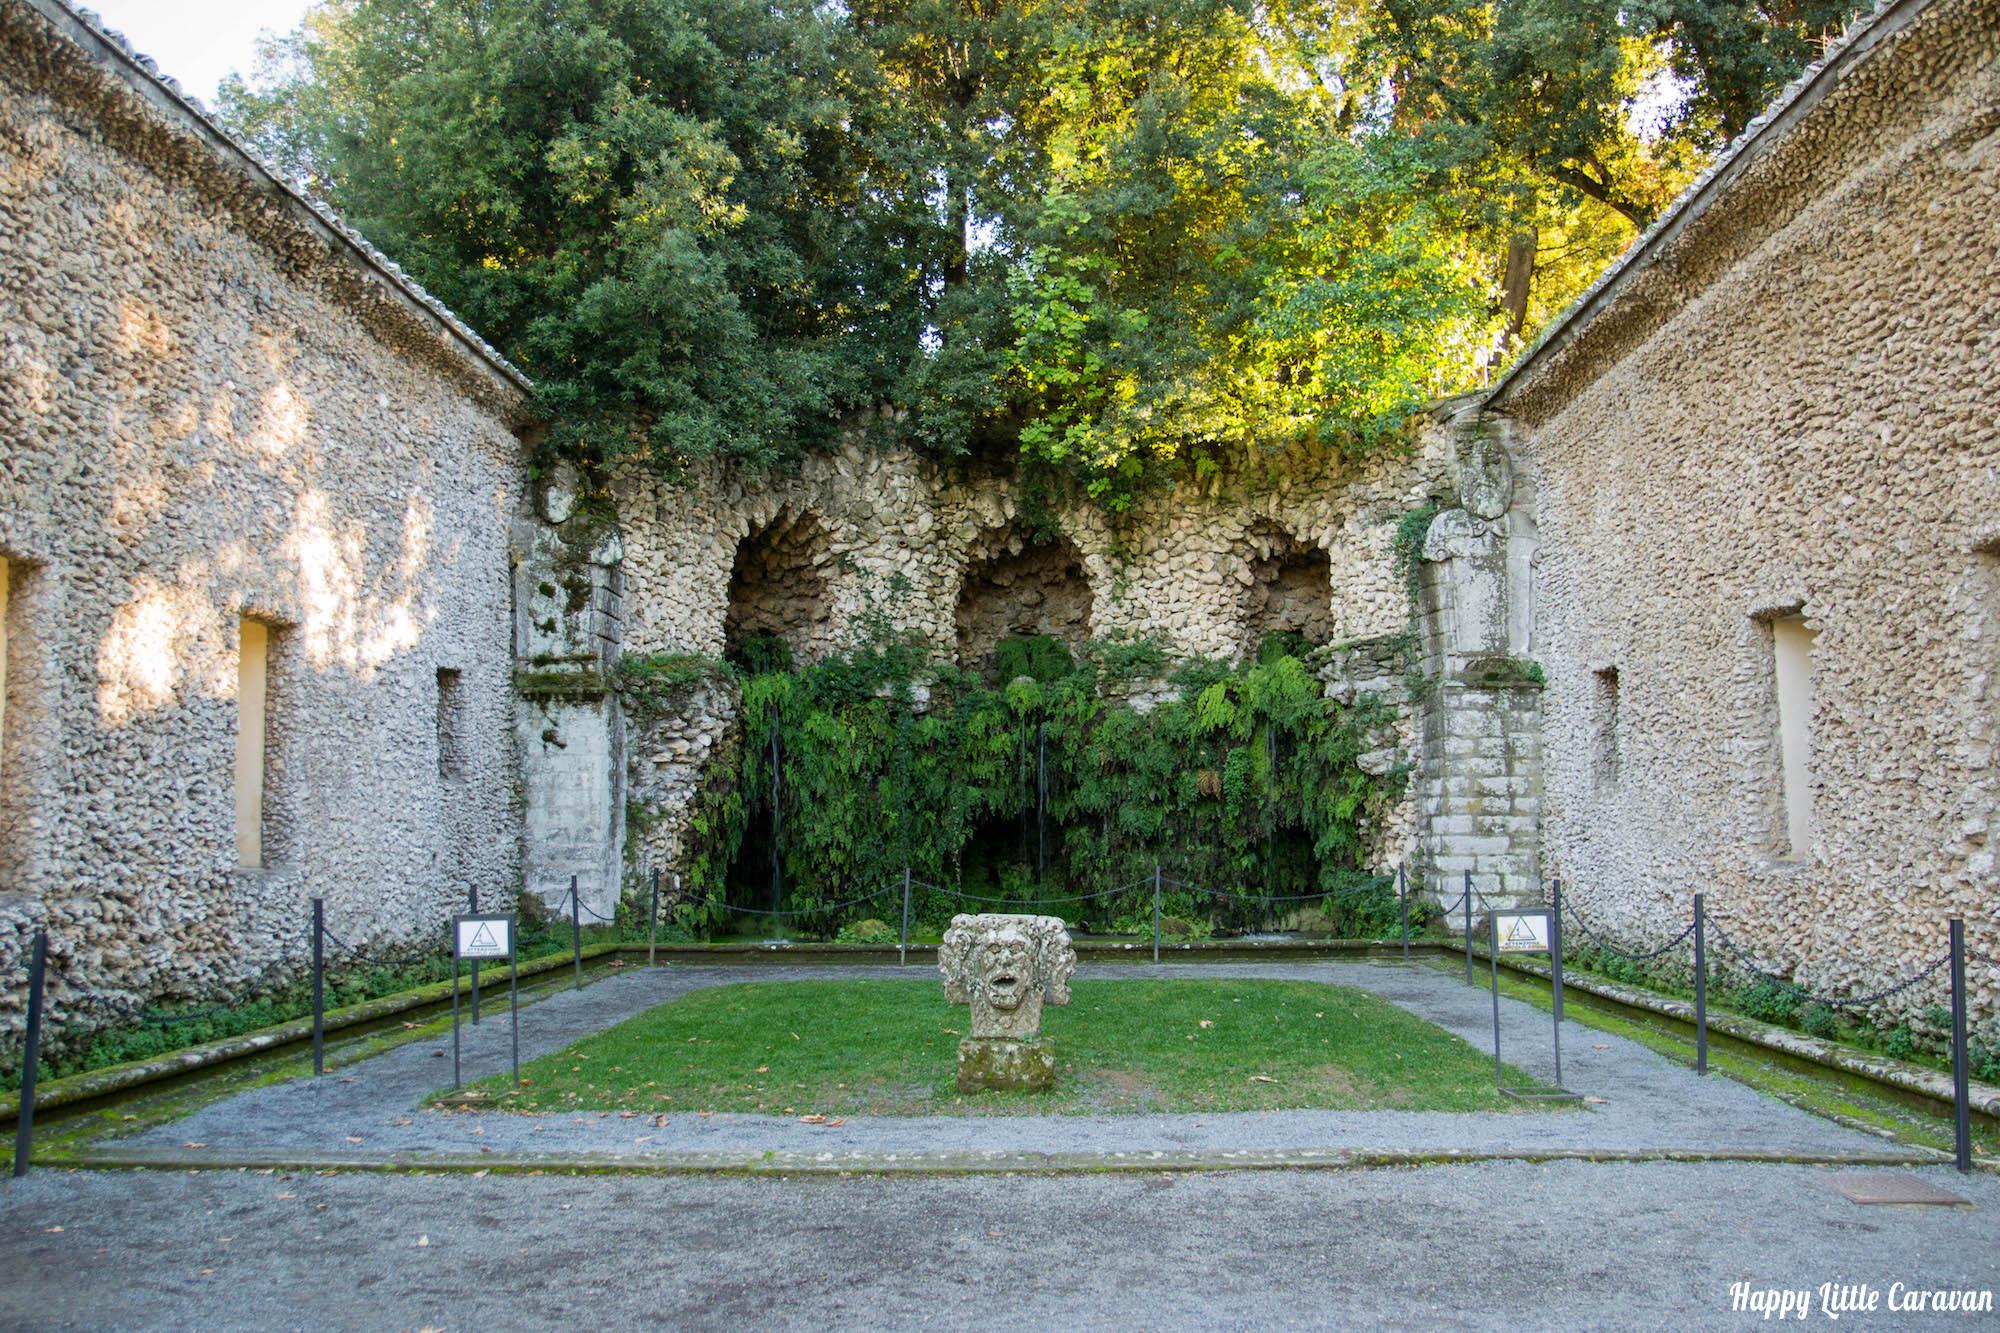 Giardini Da Incubo 2016 il giardino all'italiana di villa lante (bagnaia - vt